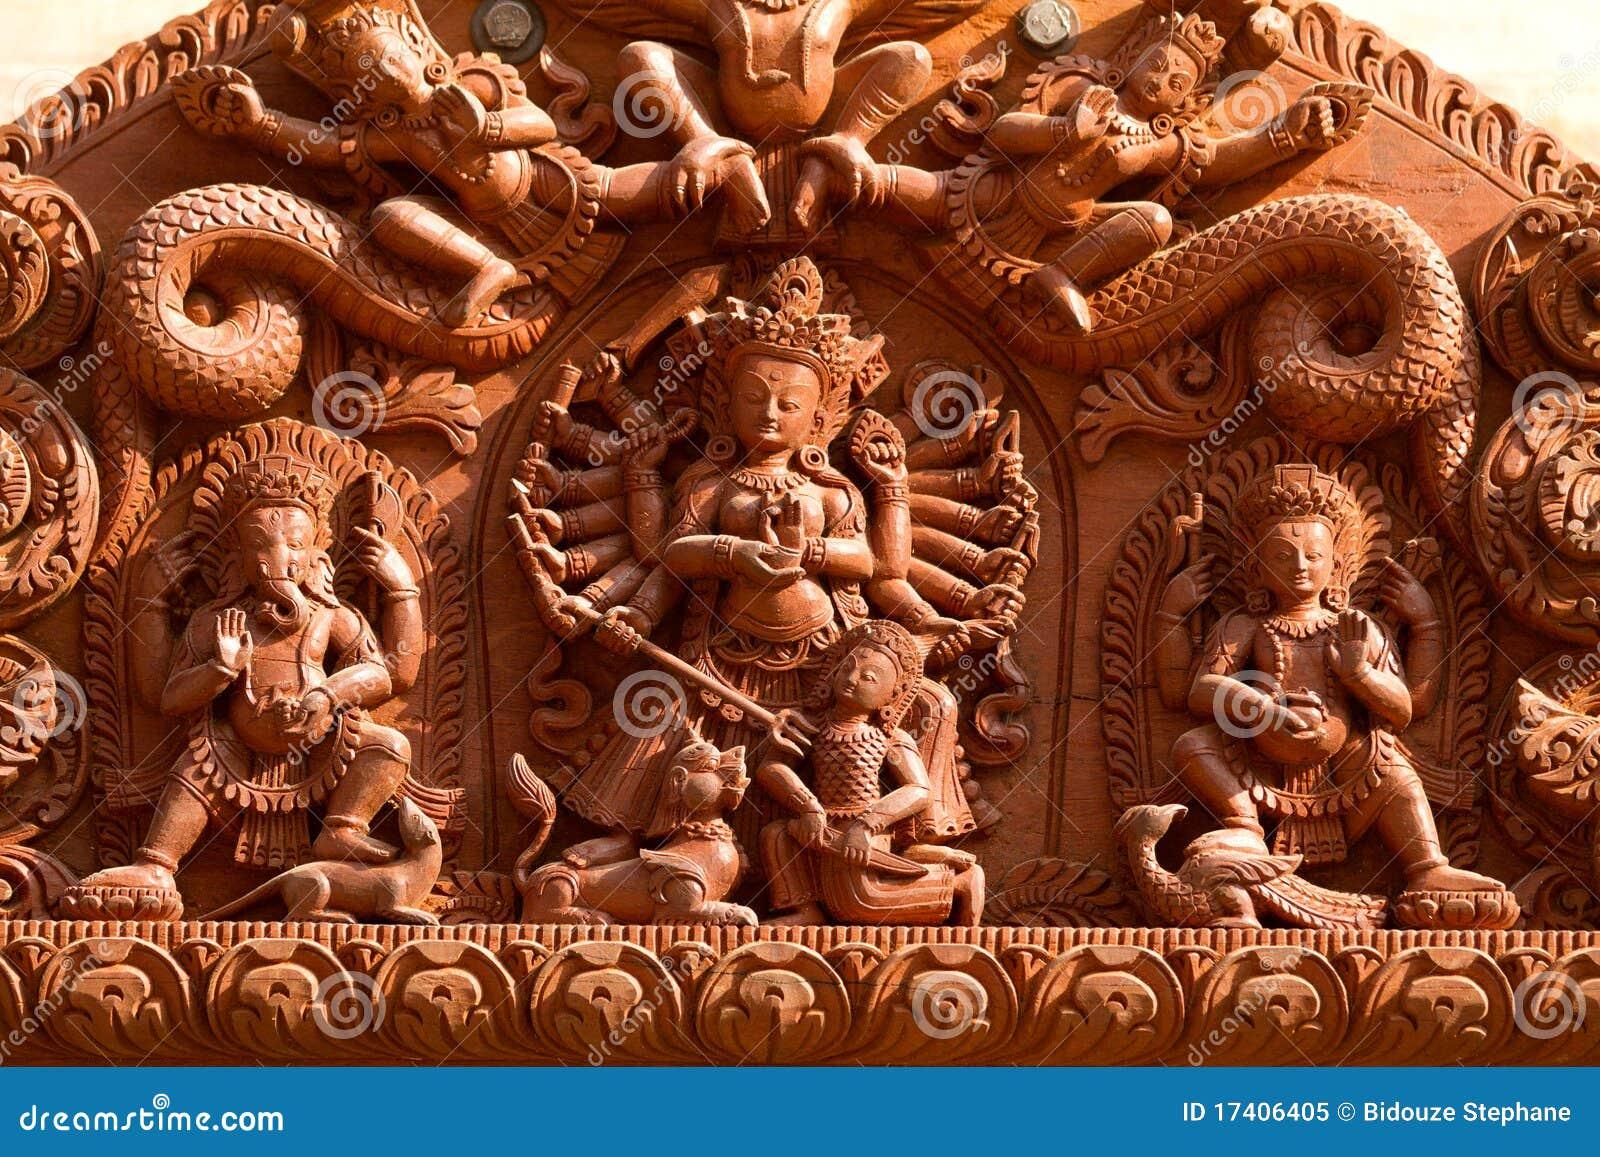 Hindu gods carved on wood royalty free stock photo image